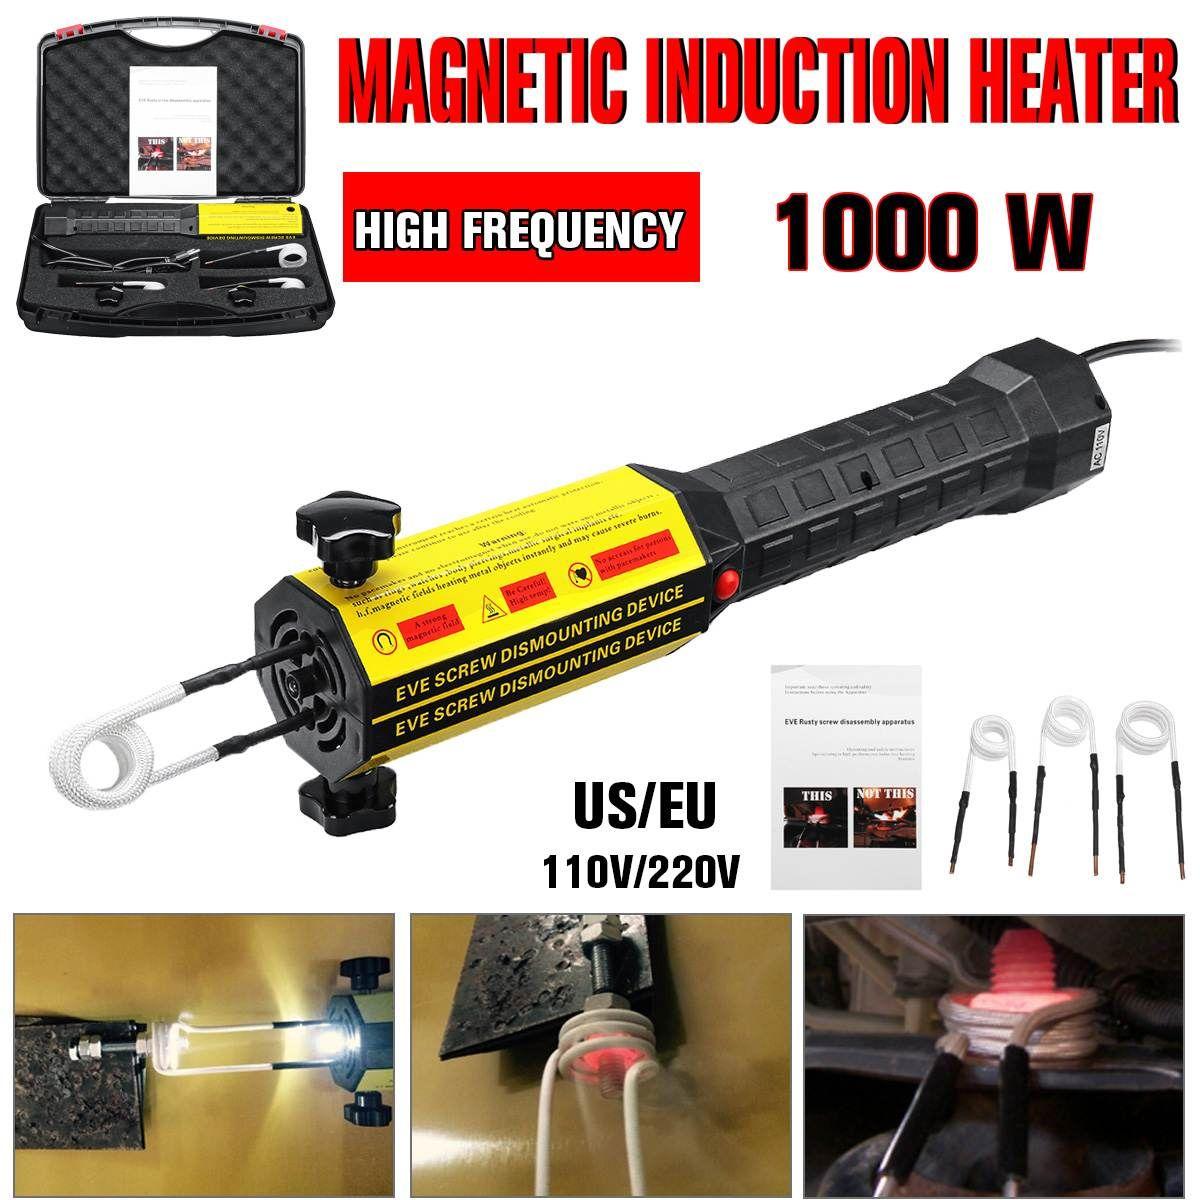 Induktion Heizung Bolzen Wärme Disassembler Schraube Werkzeug 220 V/110 V Magnetische Induktion Heizung Kit Heizung Bolzen Entferner Auto reparatur Werkzeug